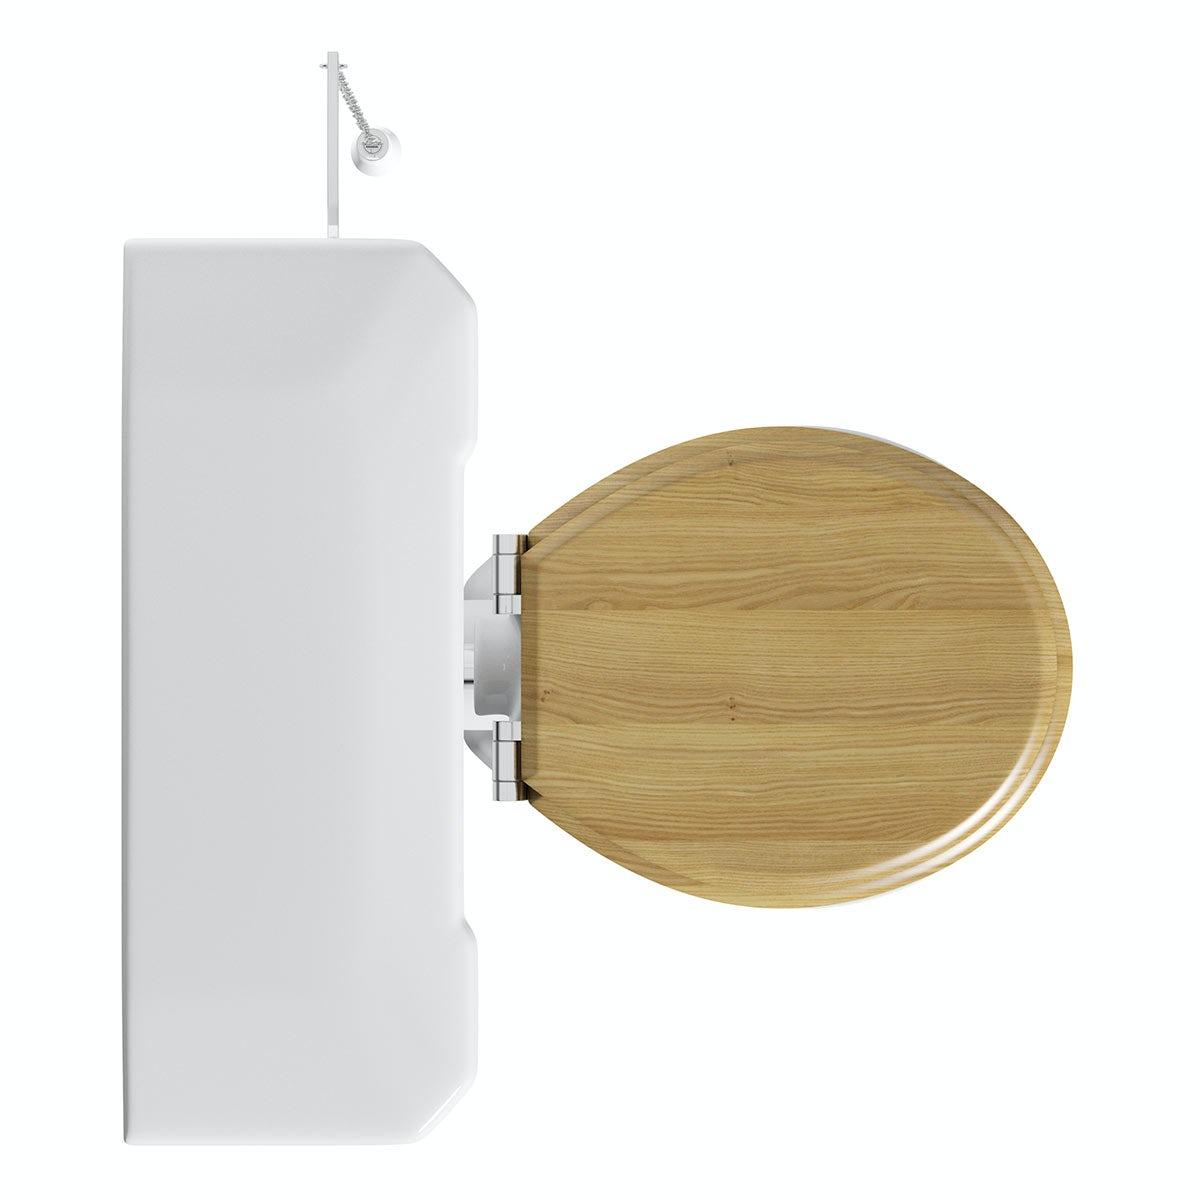 camberley high level toilet inc luxury solid oak seat camberley oak 2 door